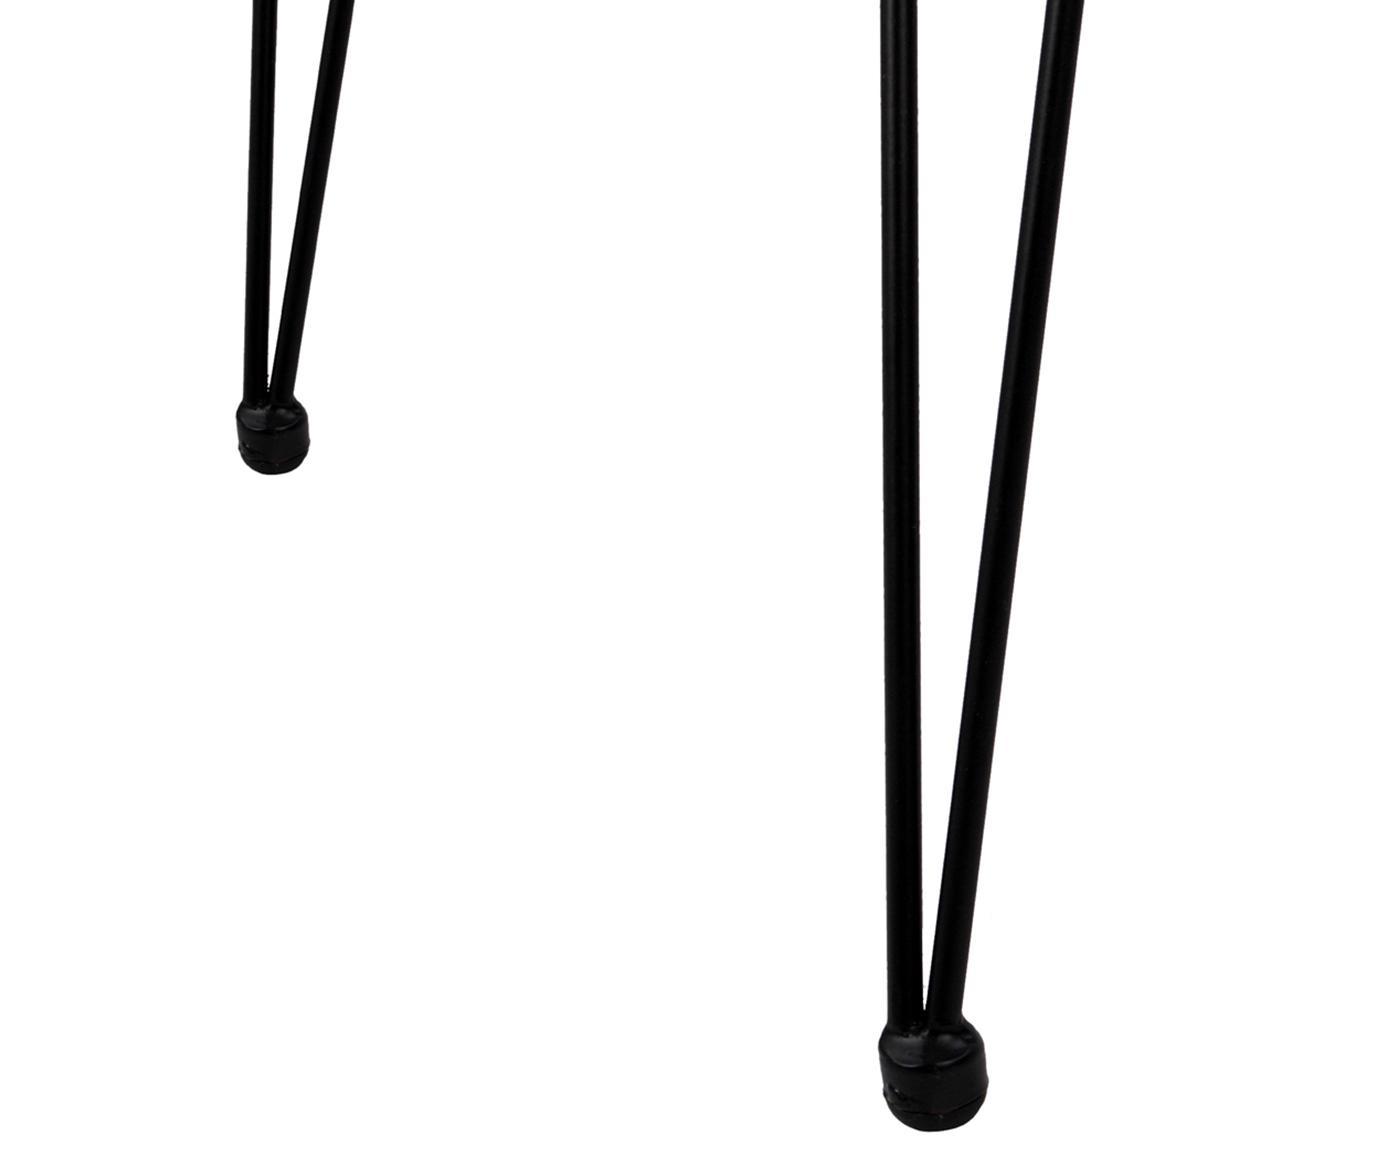 Polyrotan armstoelen Costa, 2 stuks, Zitvlak: polyethyleen-vlechtwerk, Frame: gepoedercoat metaal, Zitvlak: zwart. Frame: mat zwart, B 60 x D 58 cm